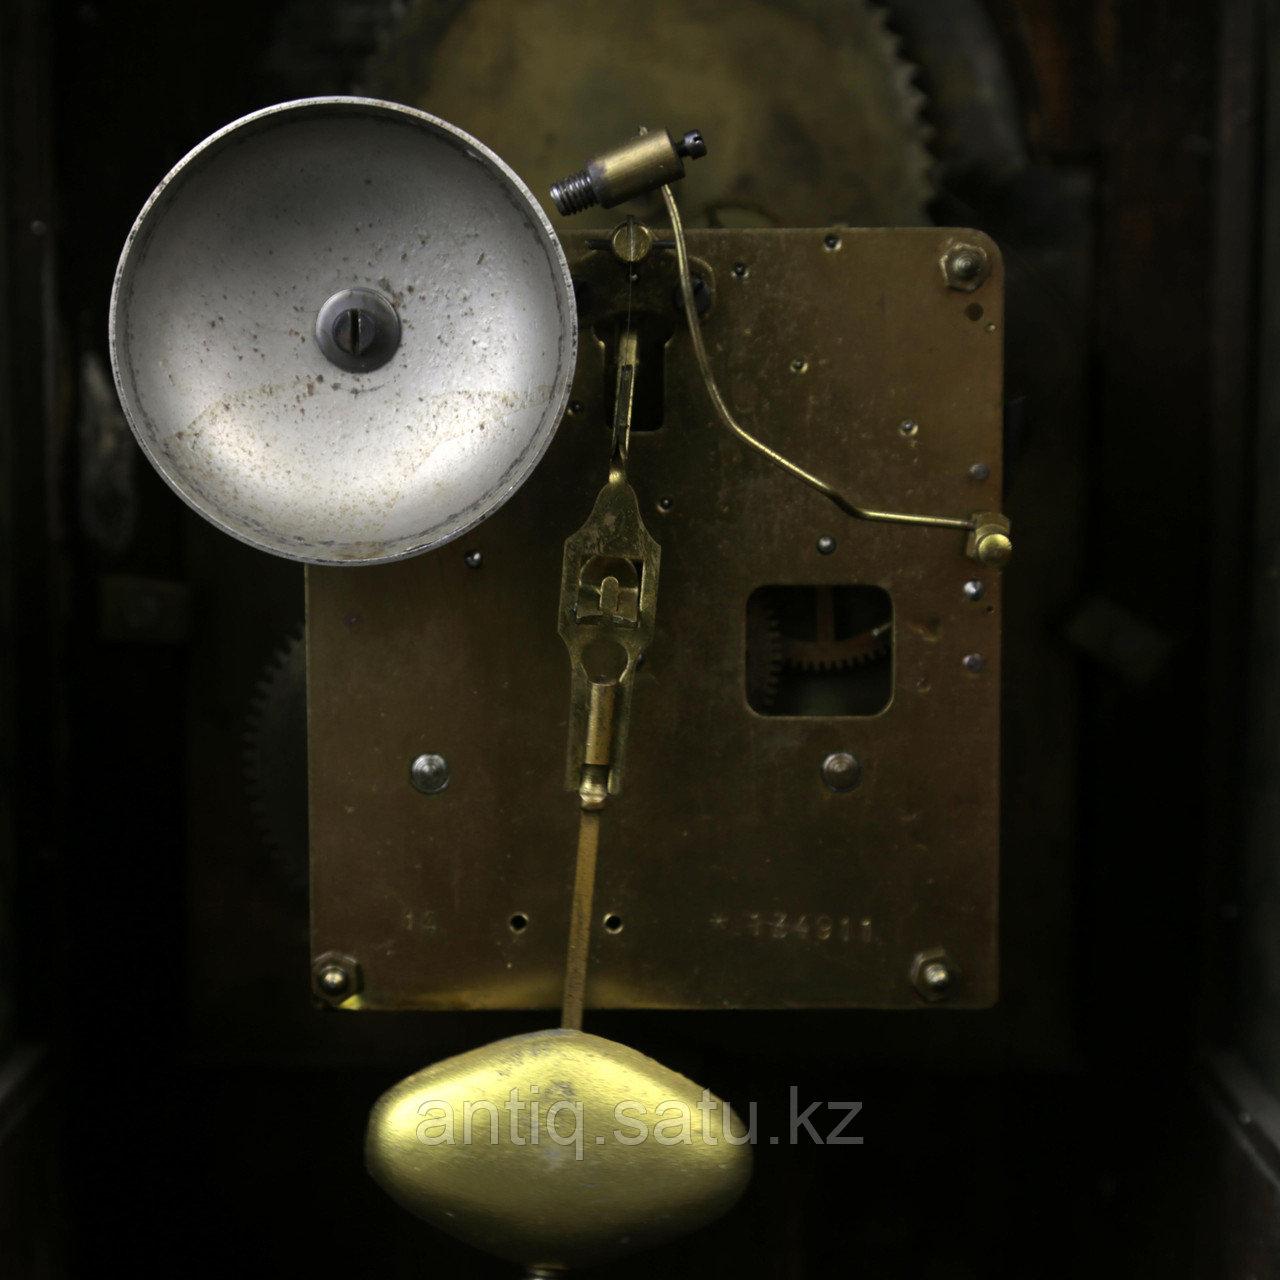 Настольные часы. Англия, Лондон. Середина ХХ века. - фото 7